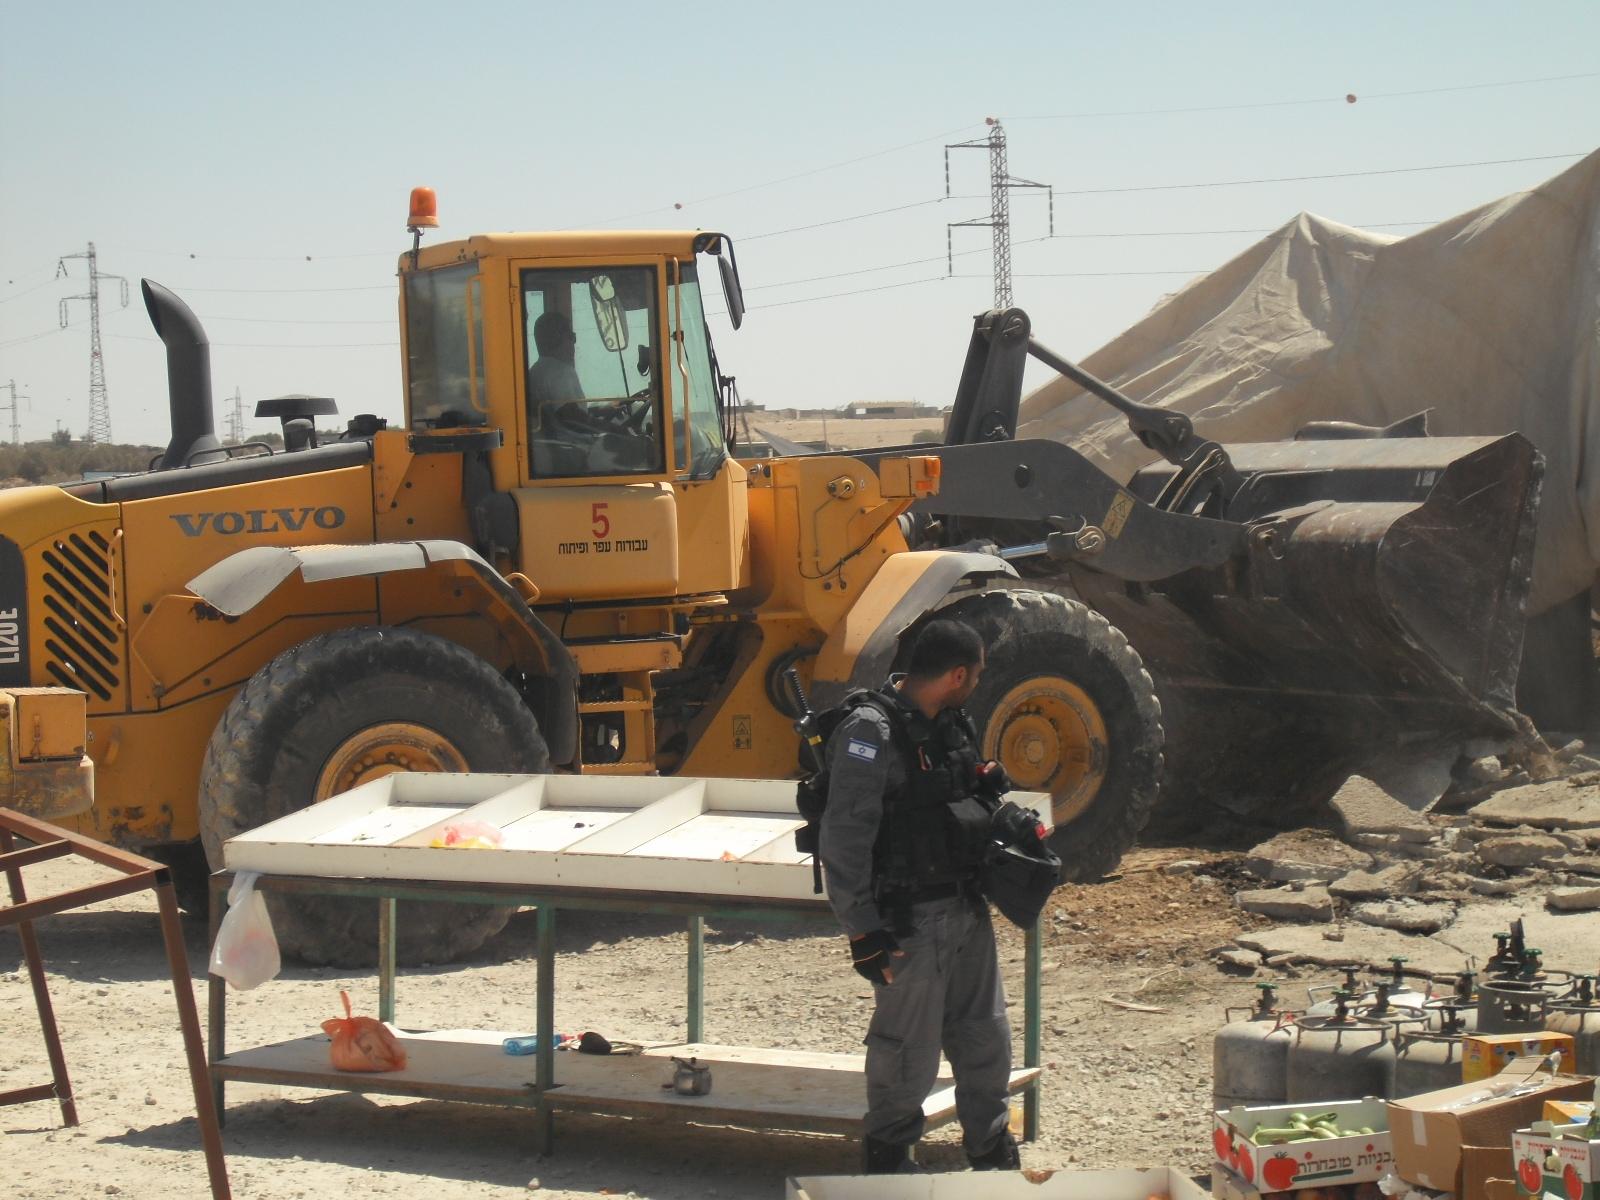 حصاد عام 2014: تهجير وتشريد للعرب بالنقب وهدم ألف منزل